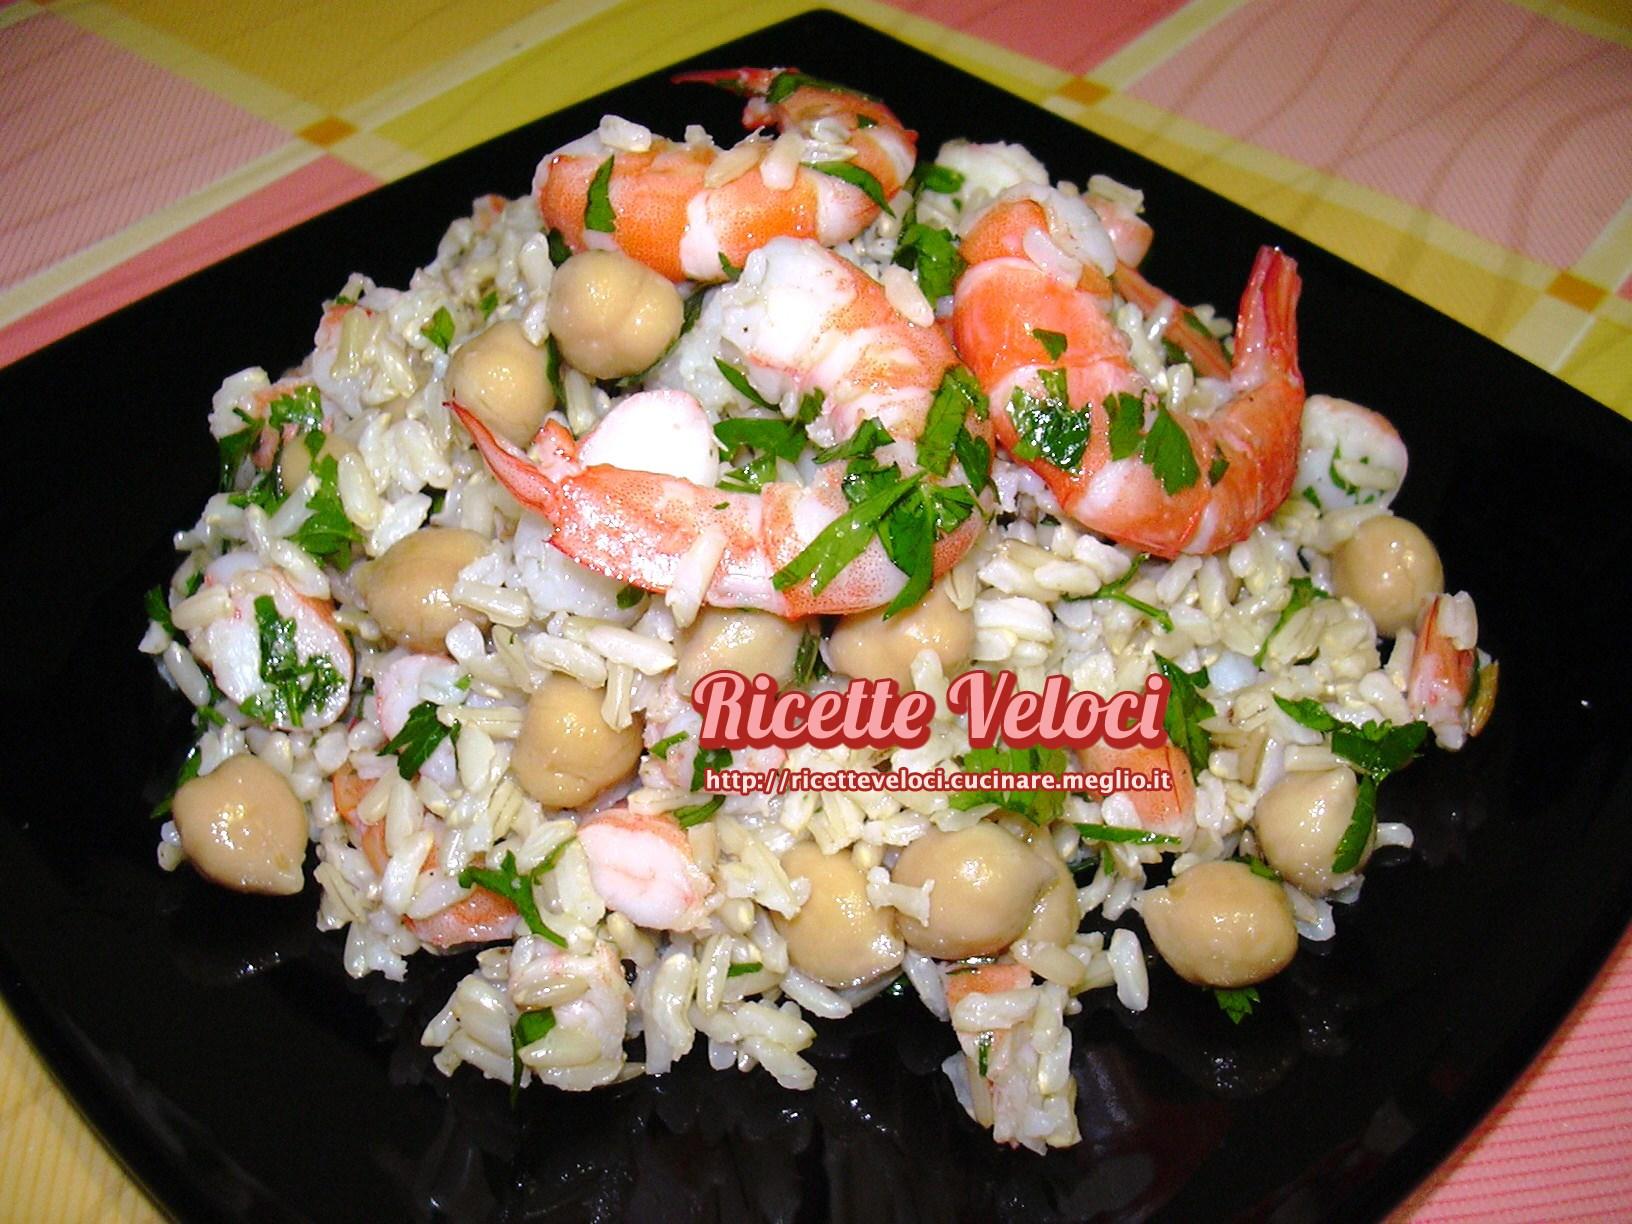 Insalata di riso thai integrale con mazzancolle e ceci ricette veloci di tania - Cucinare riso integrale ...